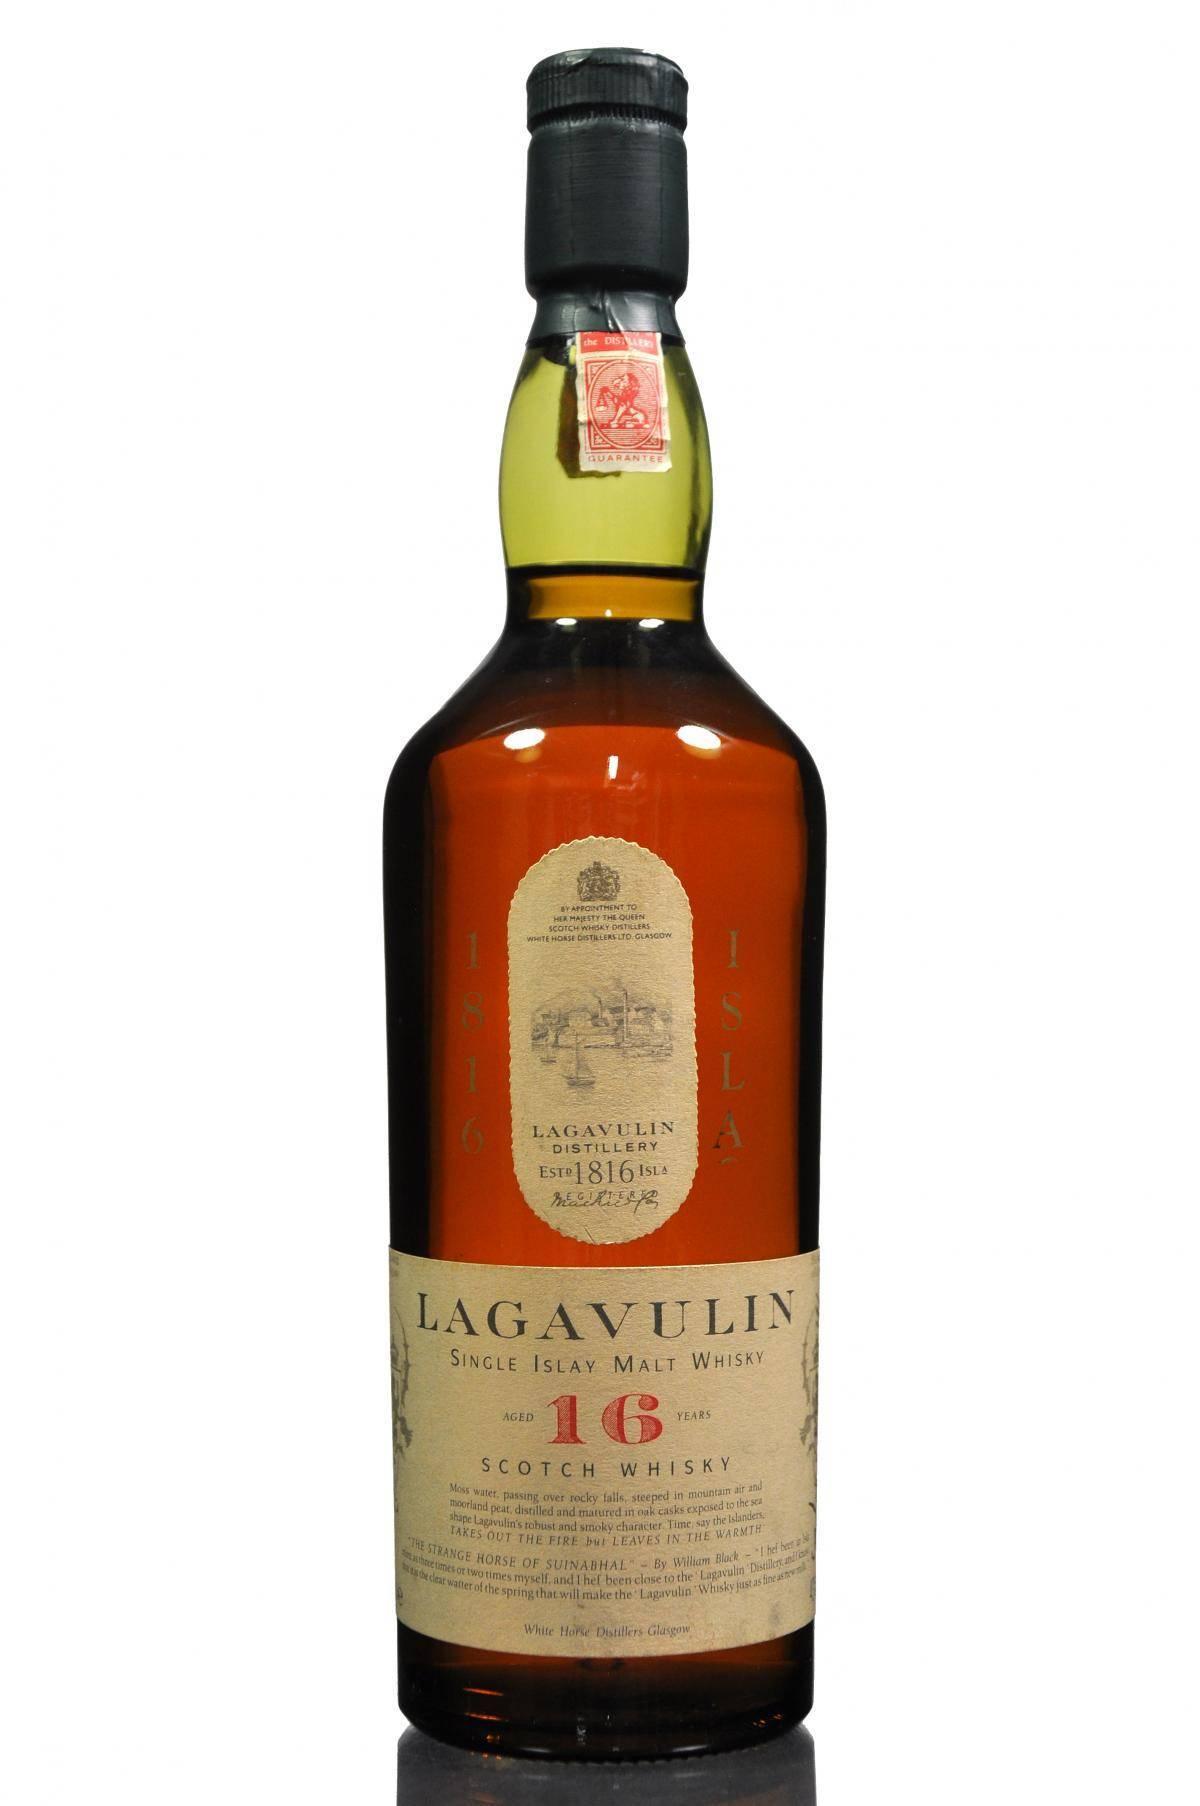 Виски лагавулин: история, обзор вкуса и видов